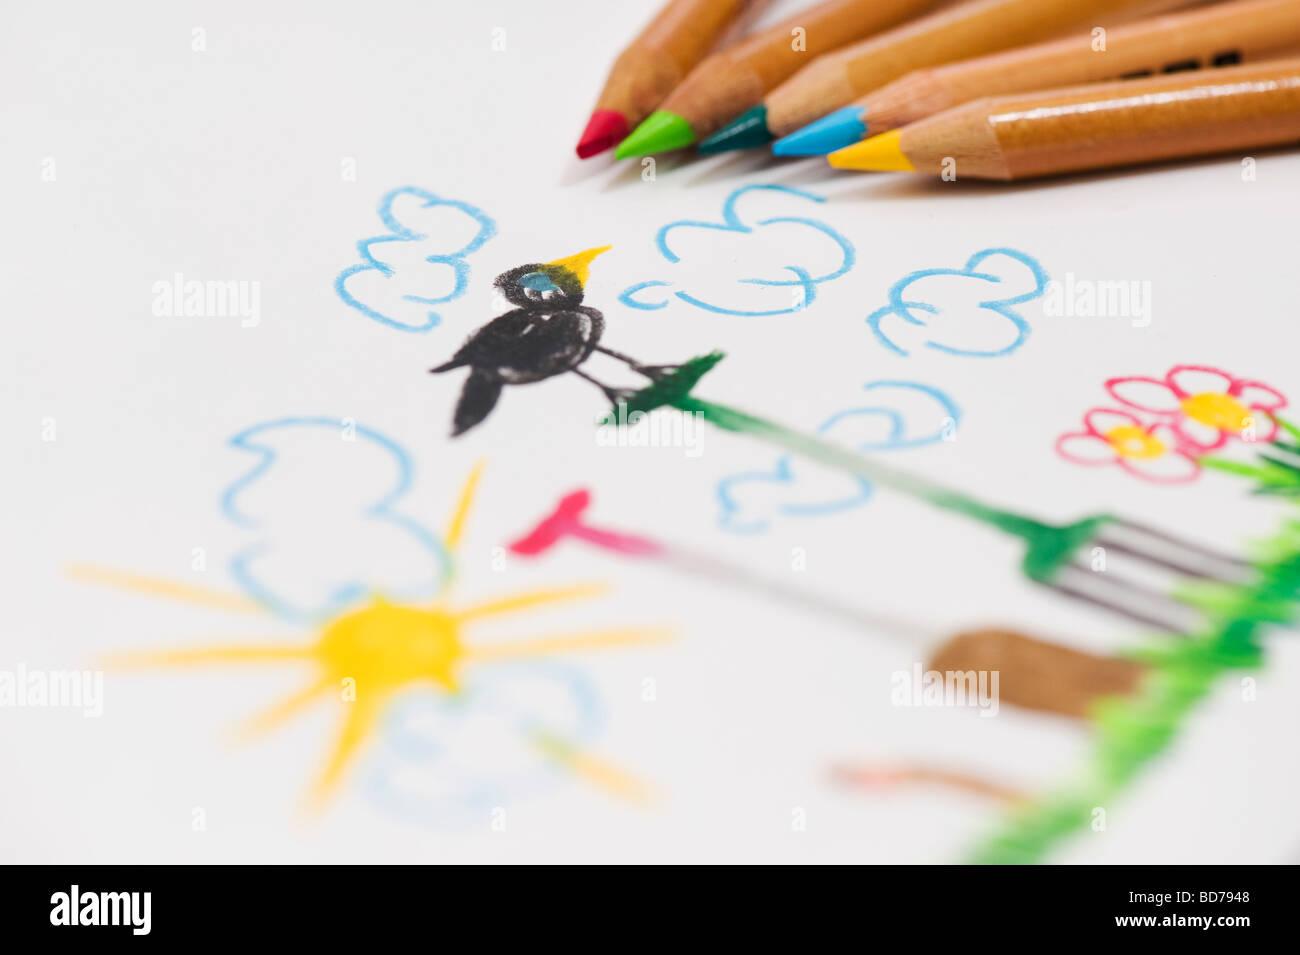 Garten-Szene mit Gartengeräten, Kind mit Farbstiften Zeichnung Stockbild